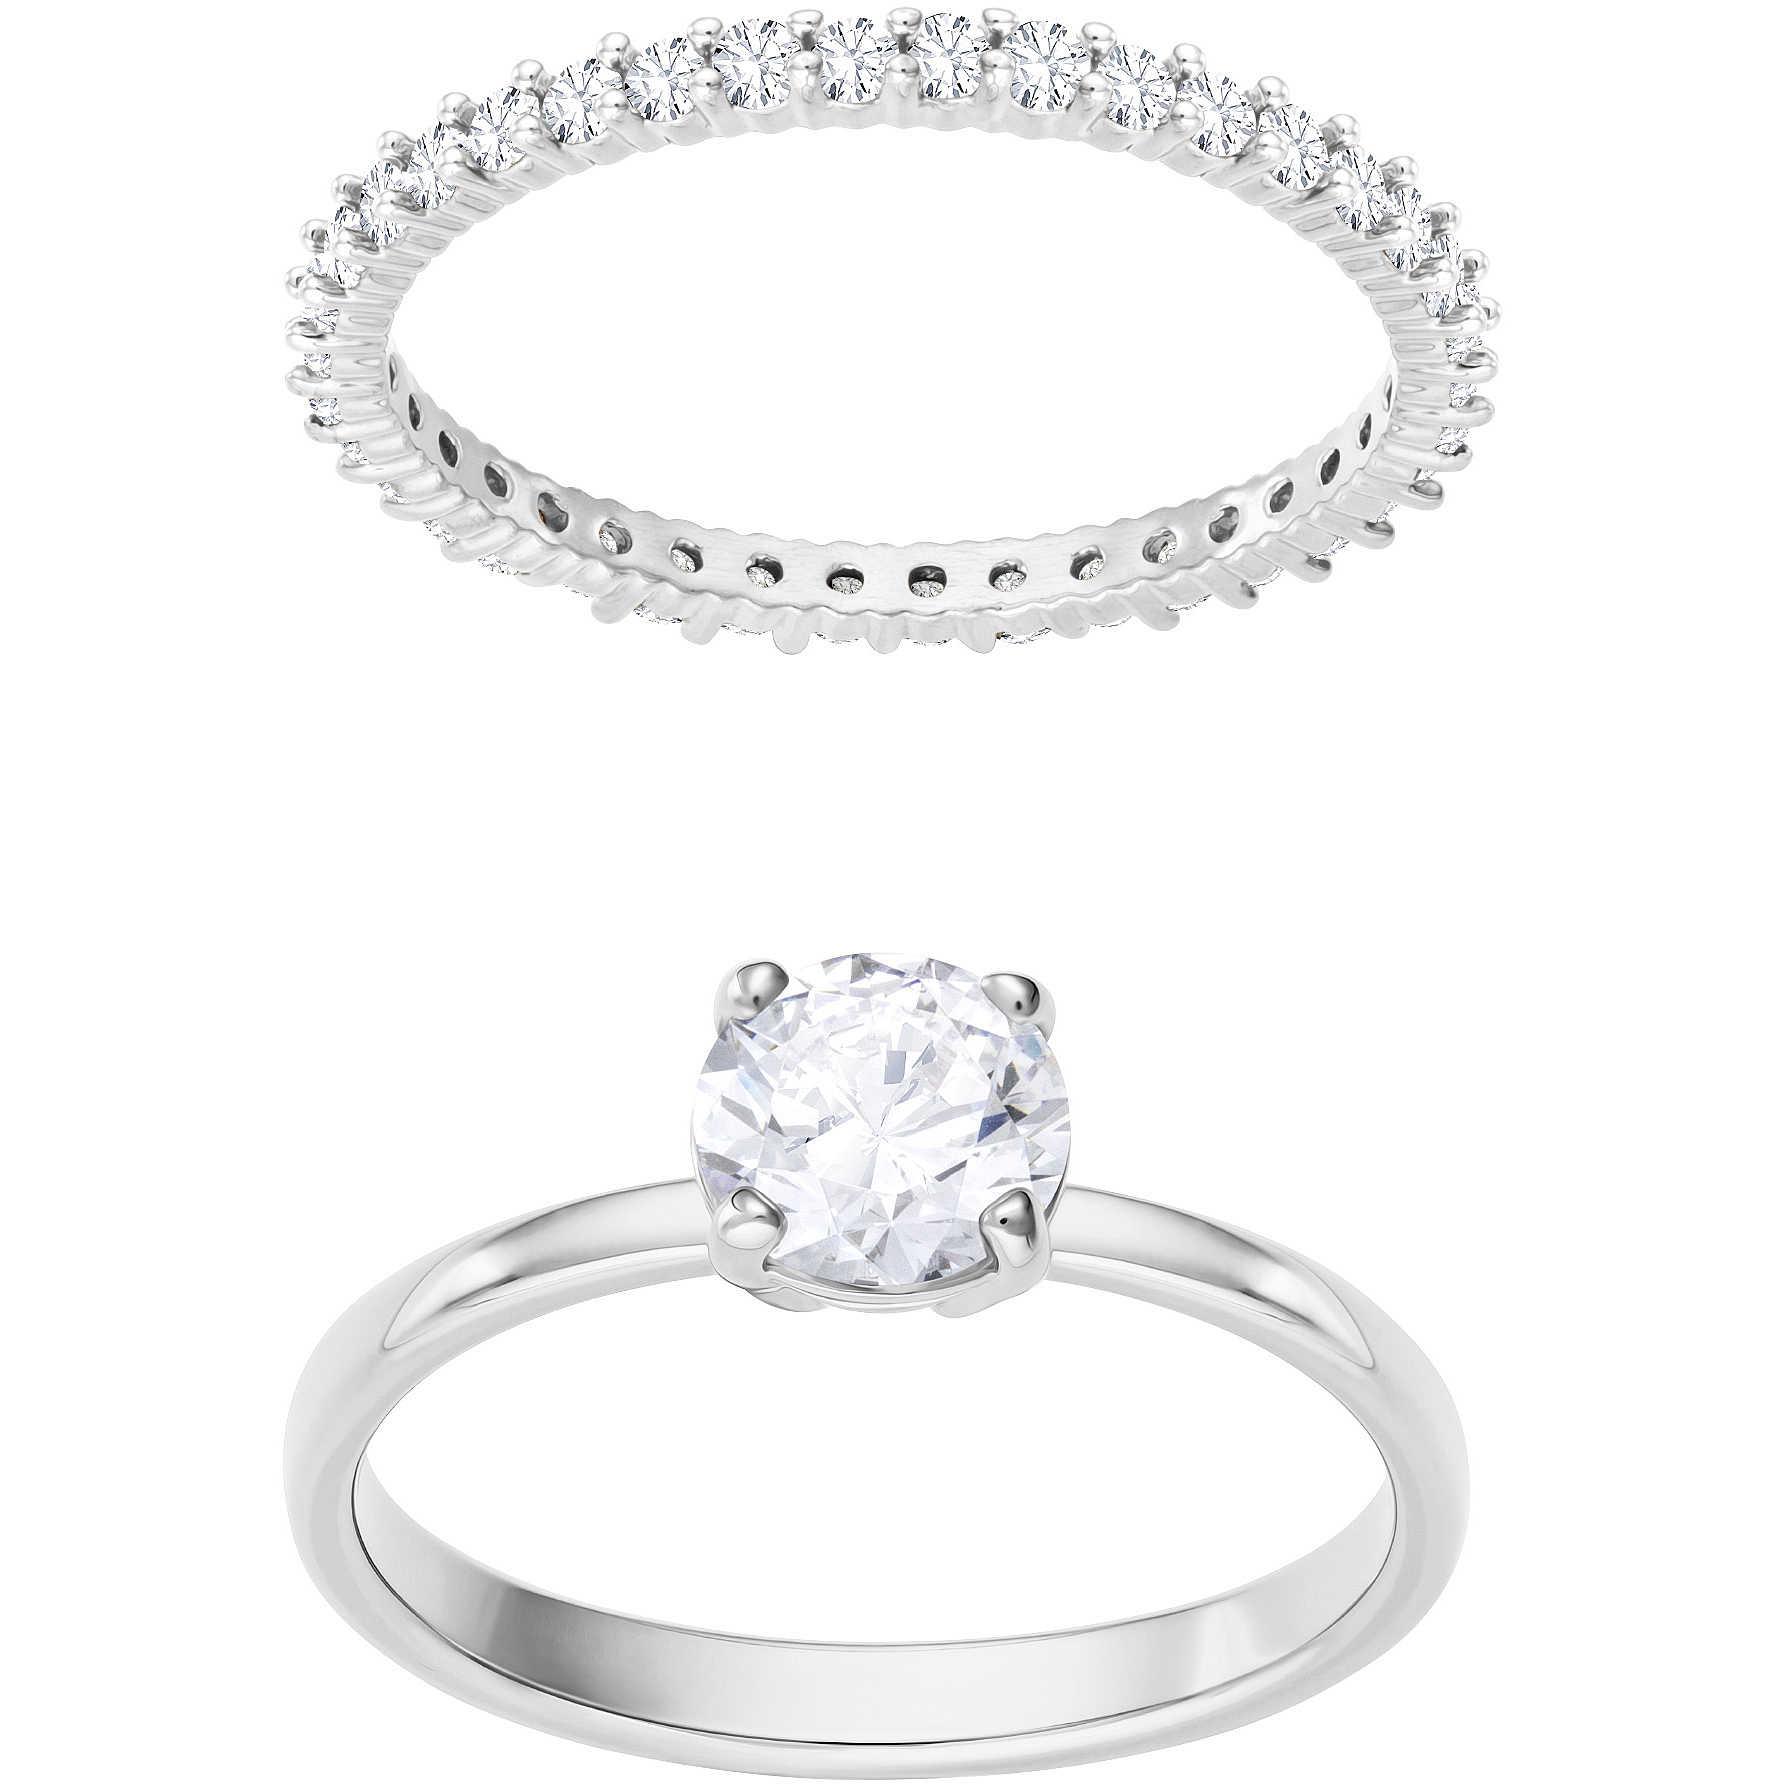 nuovo di zecca abe50 ef9d9 Anelli swarovski solitario prezzi – Gioielli con diamanti ...